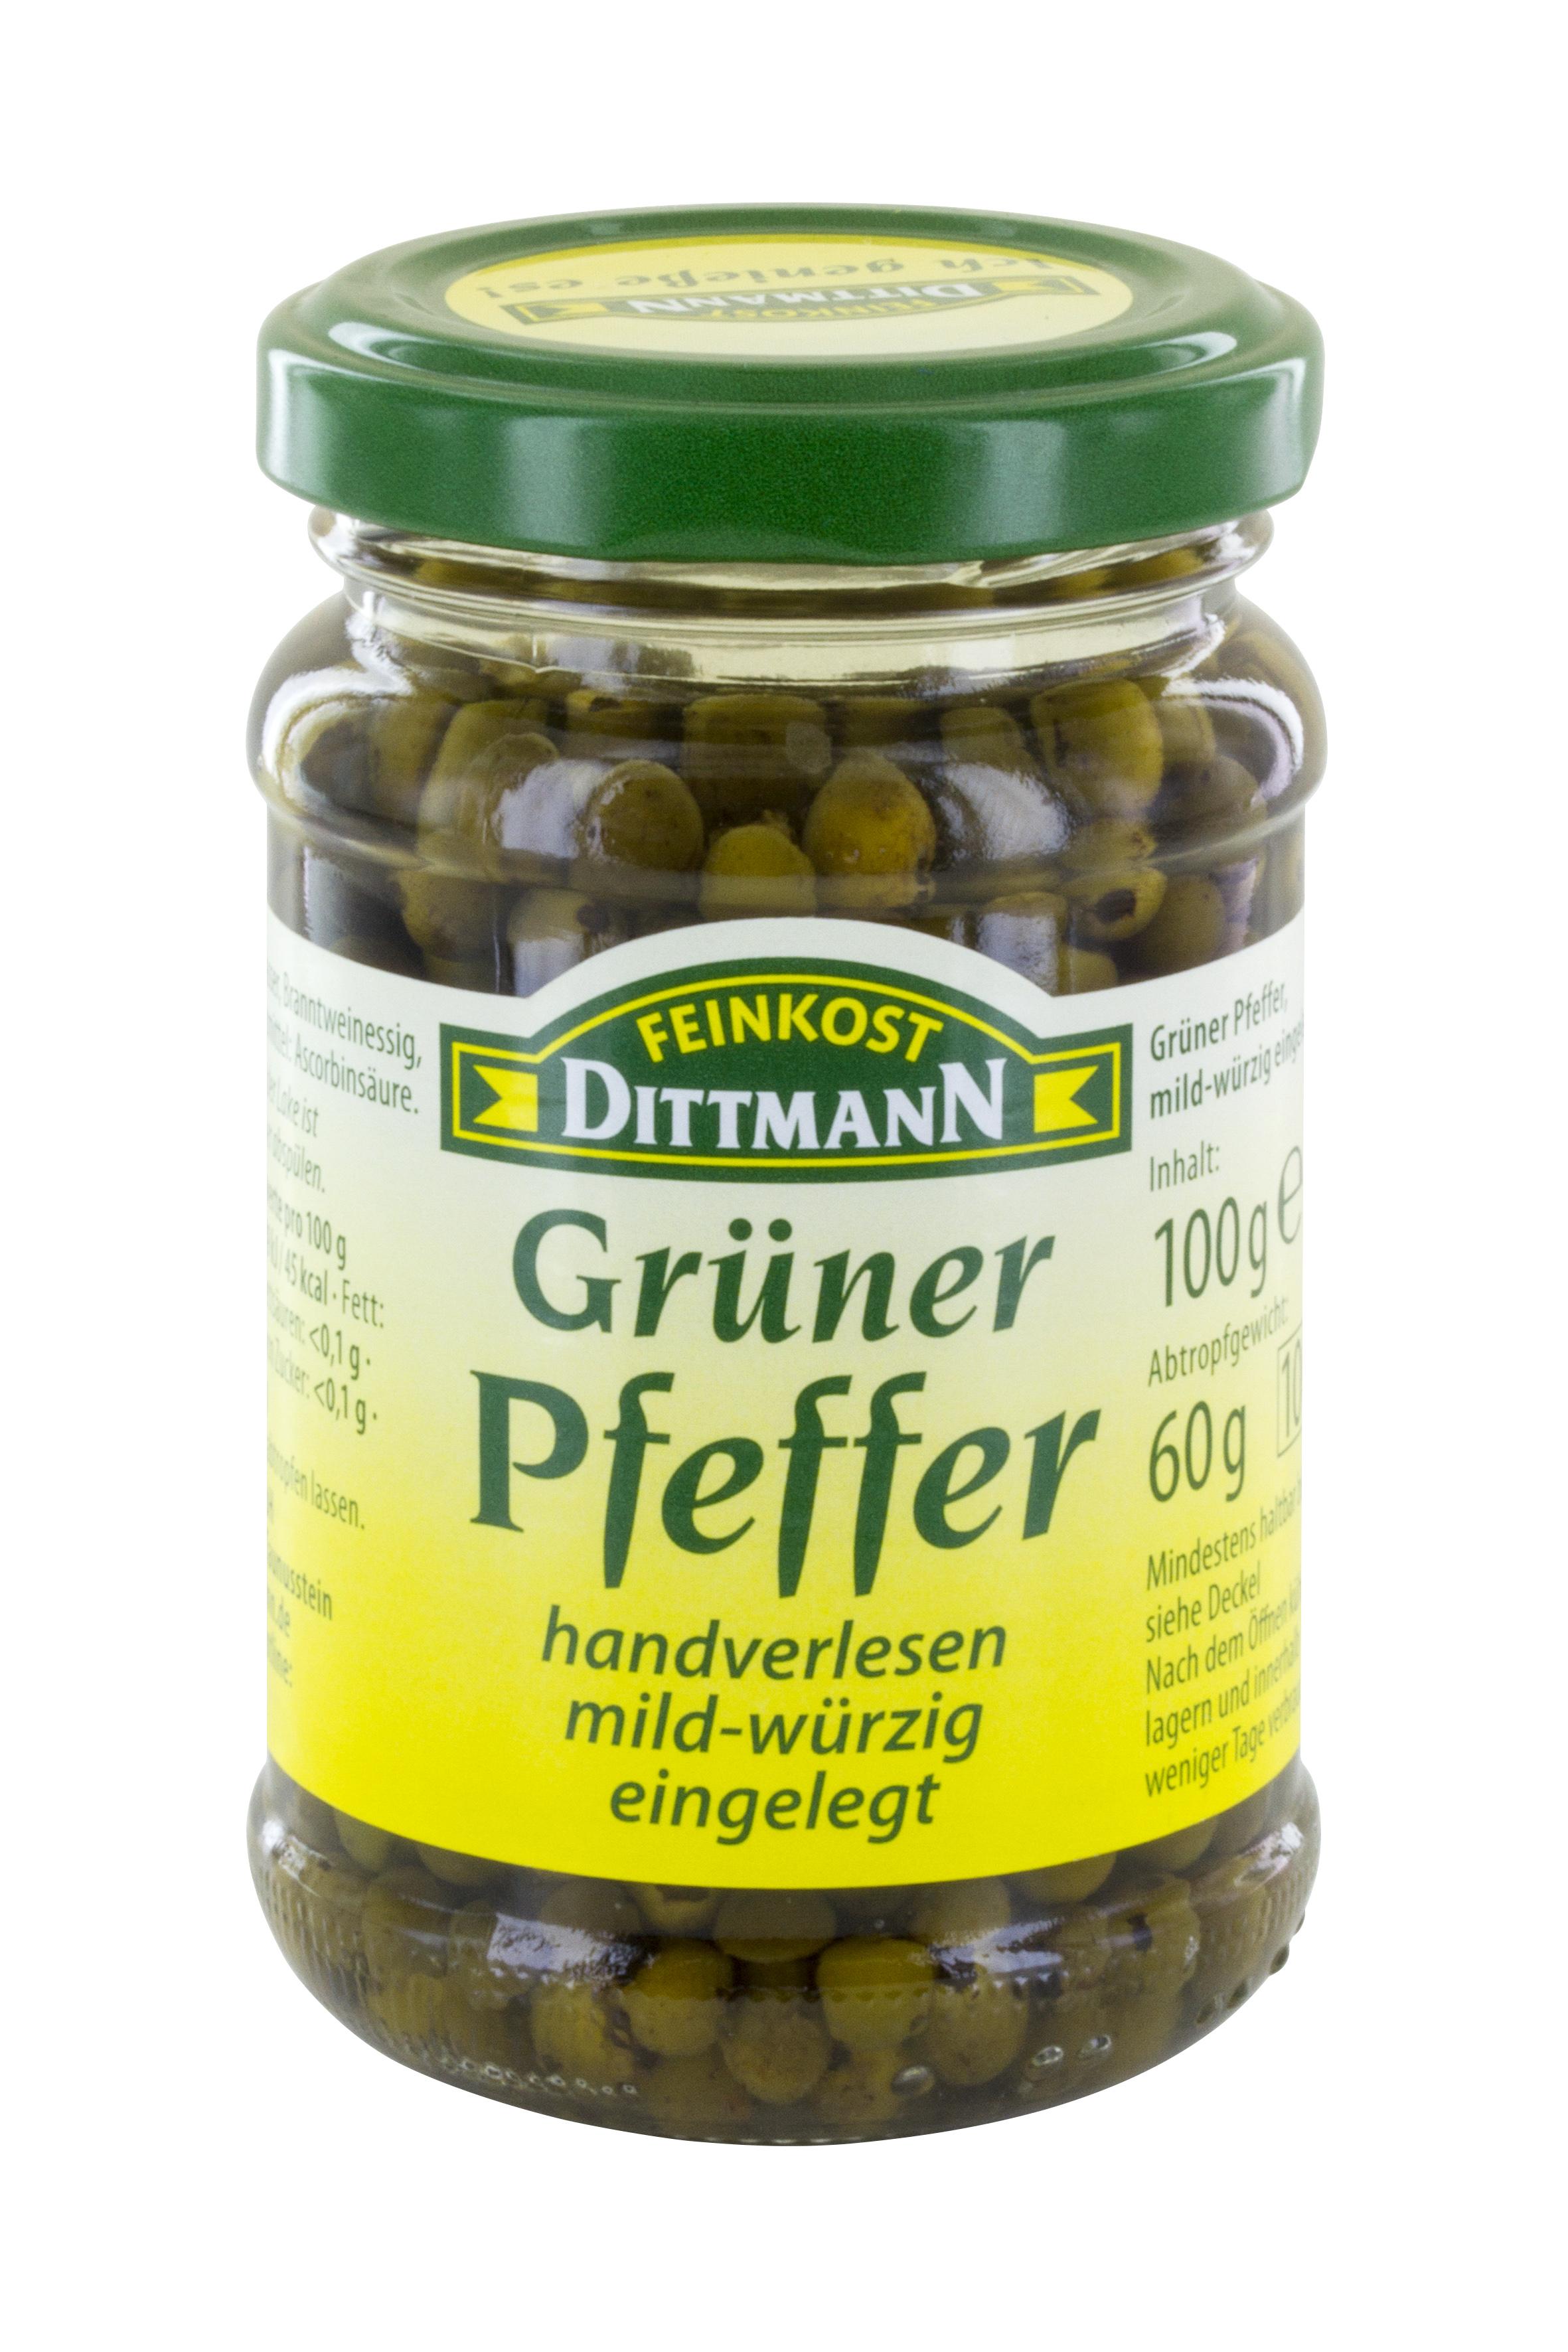 Gruener Pfeffer